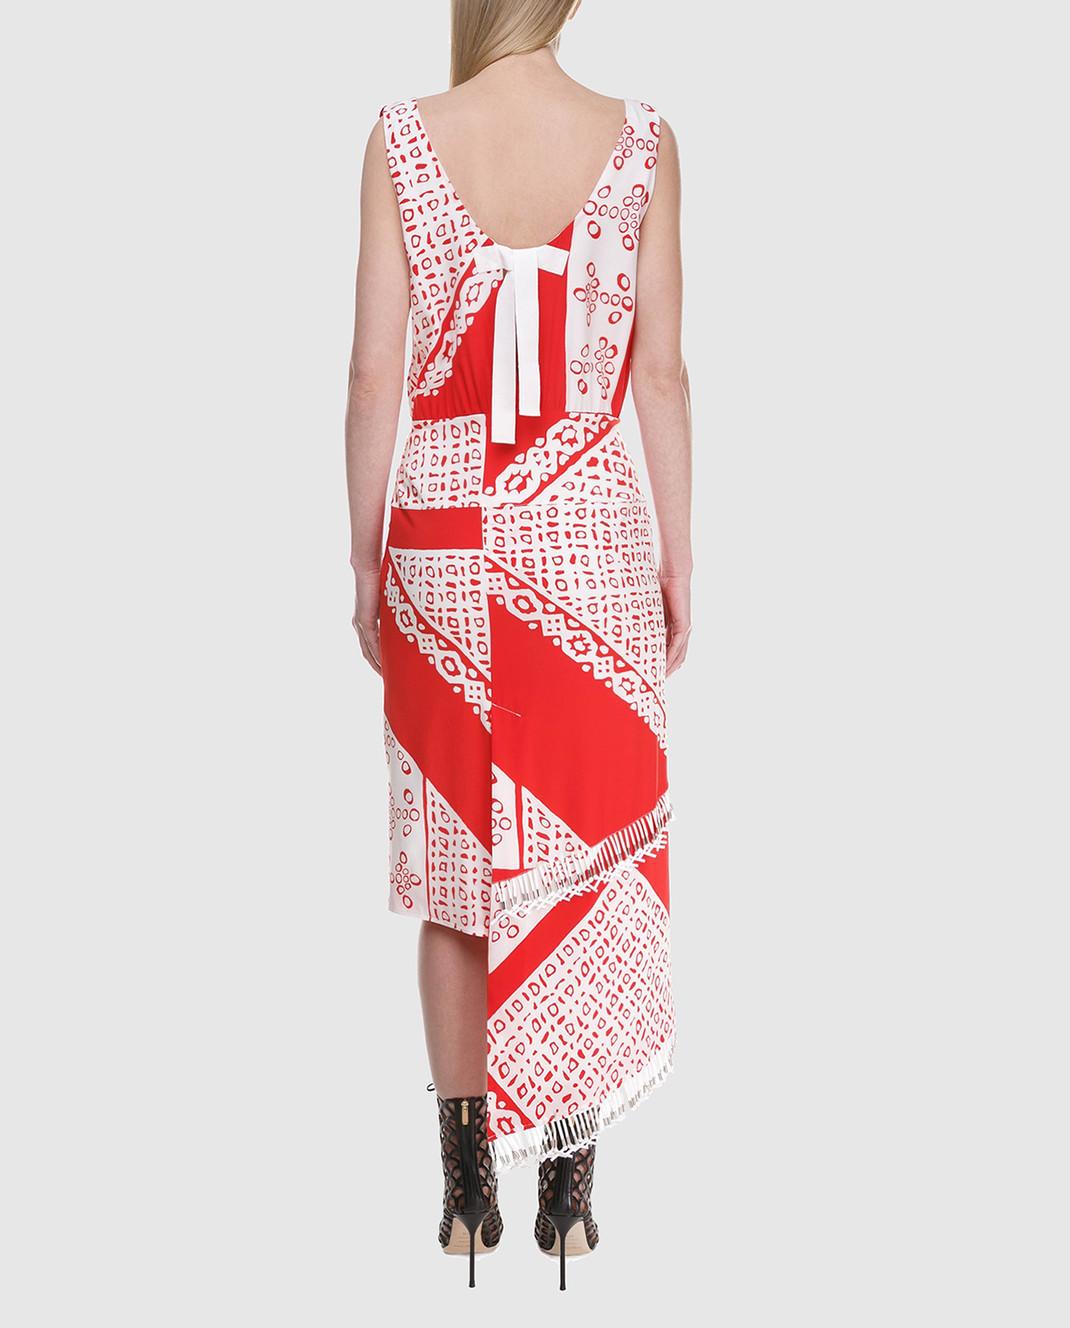 Altuzarra Платье из шелка 218308764 изображение 3